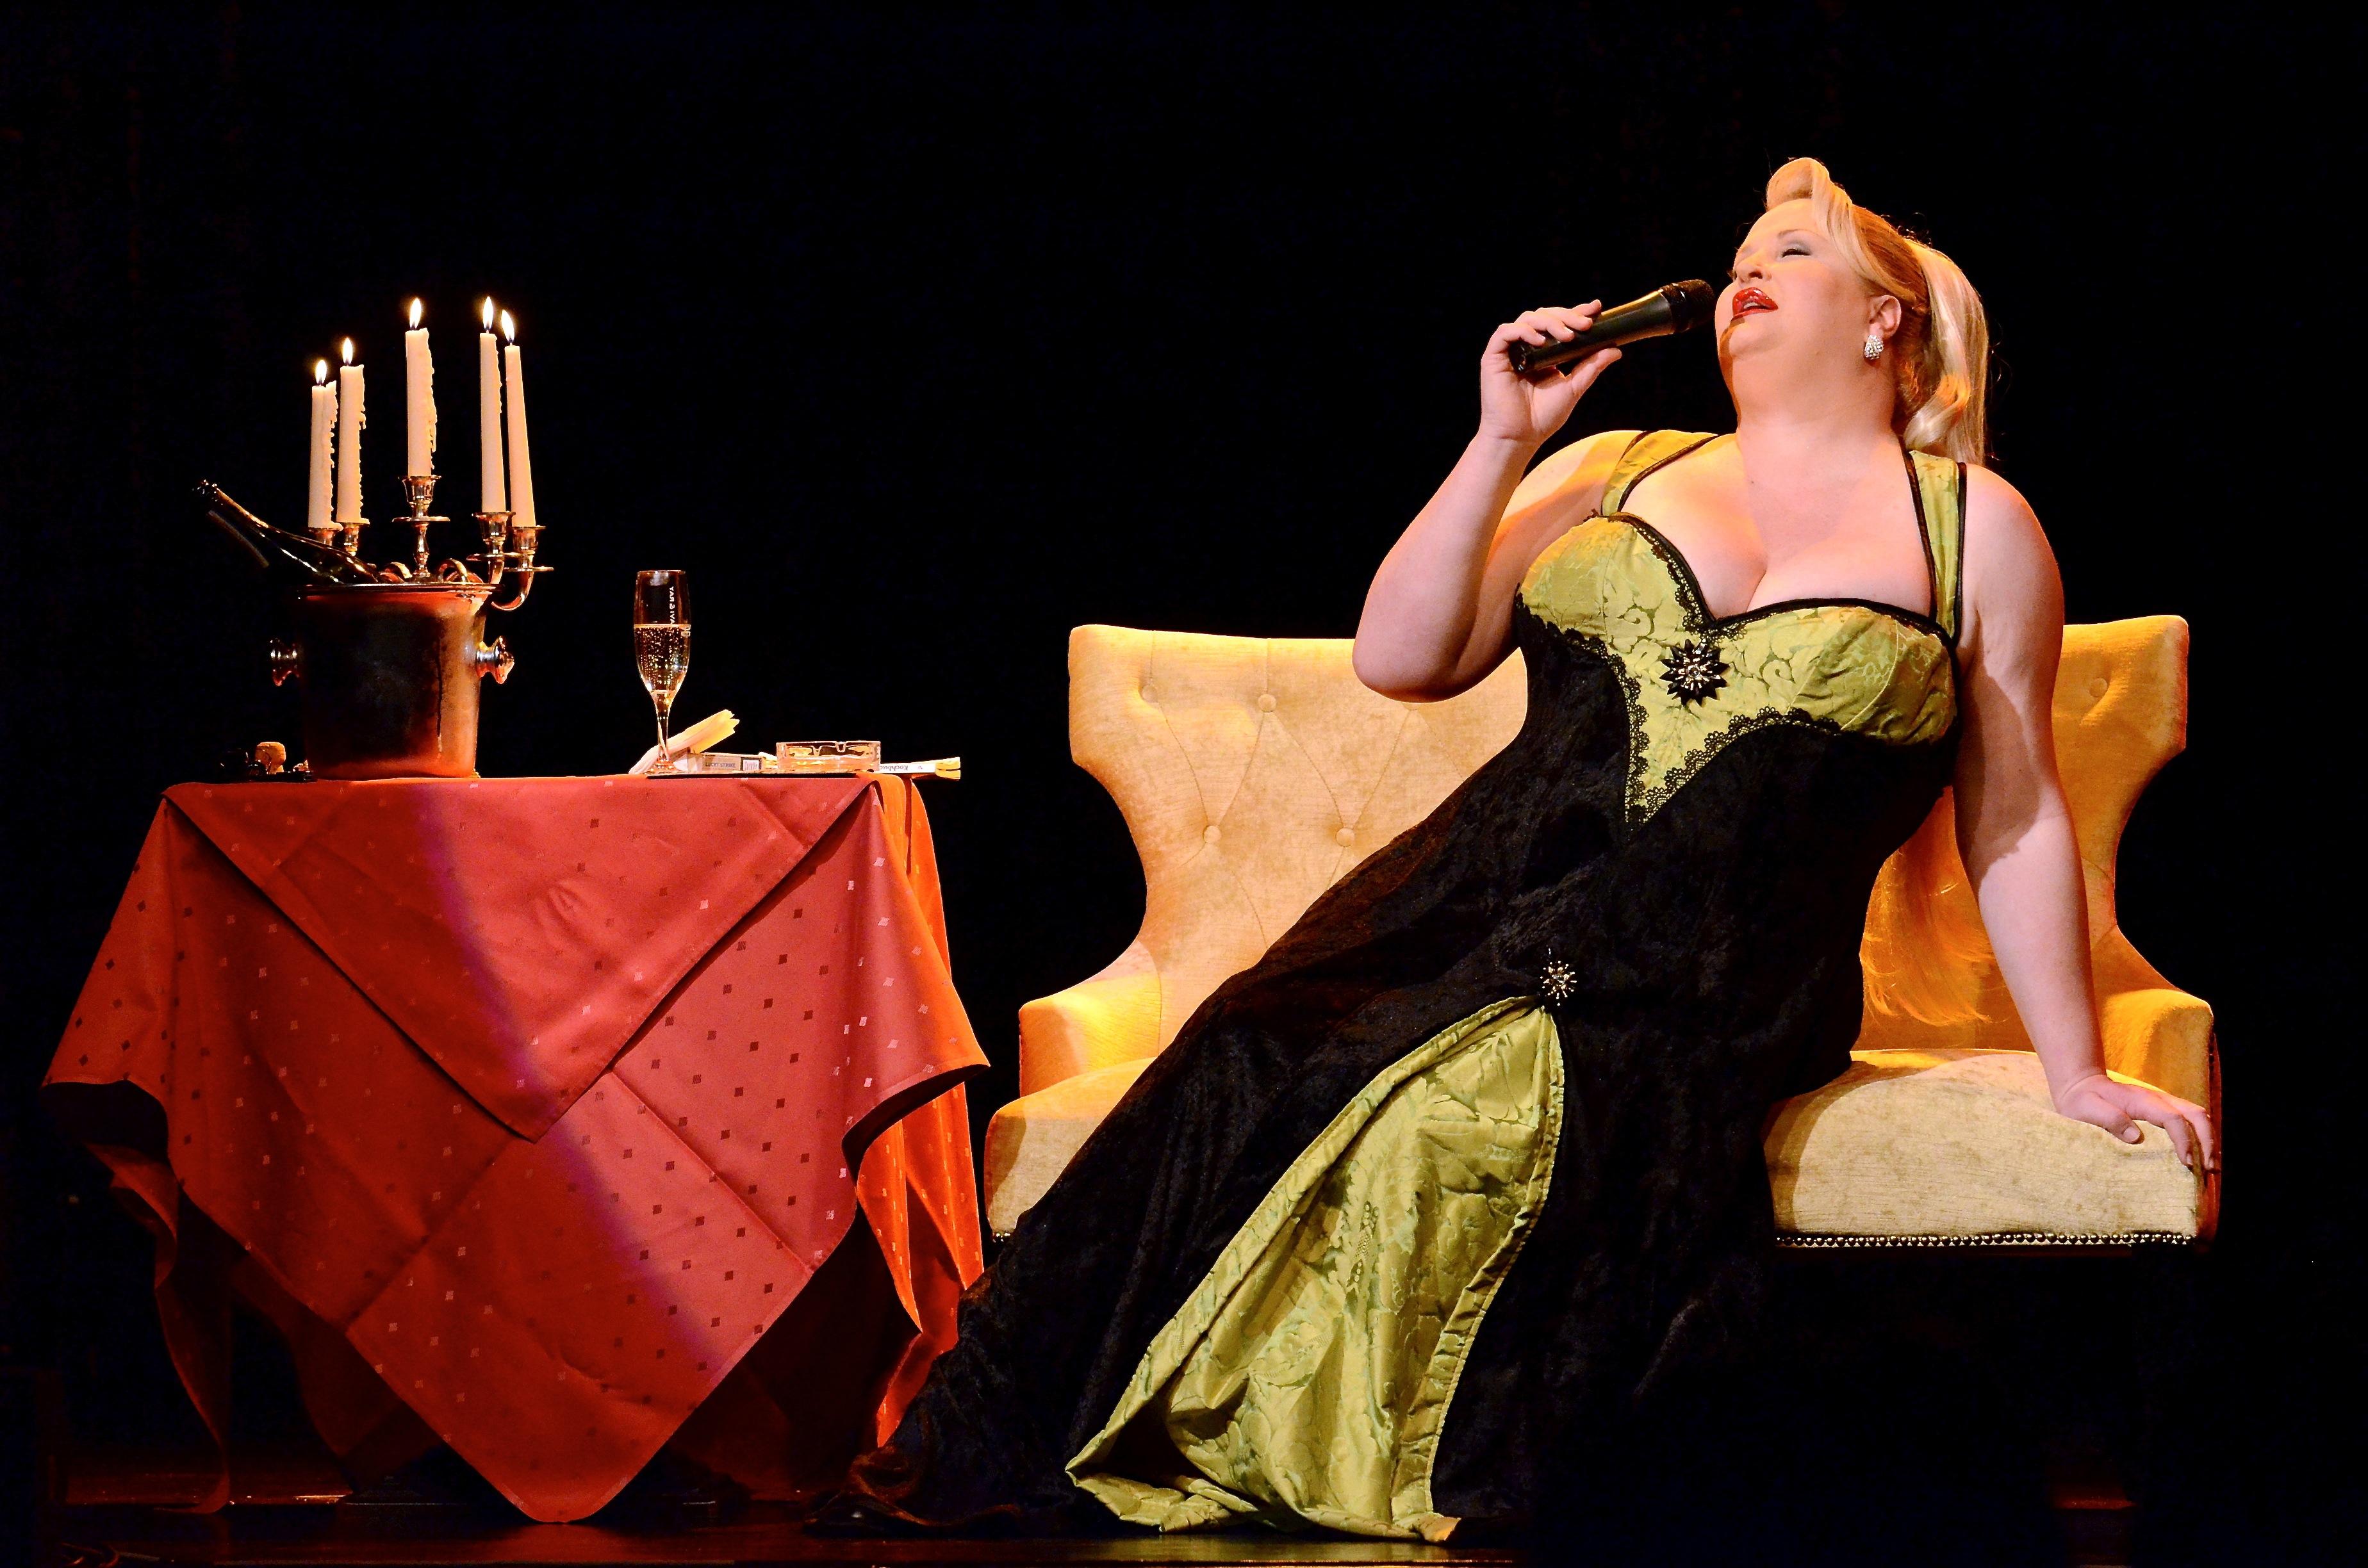 Frau auf der Bühne im einseidenen Kleid, hält ein Mikro an den Mund und lehnt sich auf der Couch zurück.